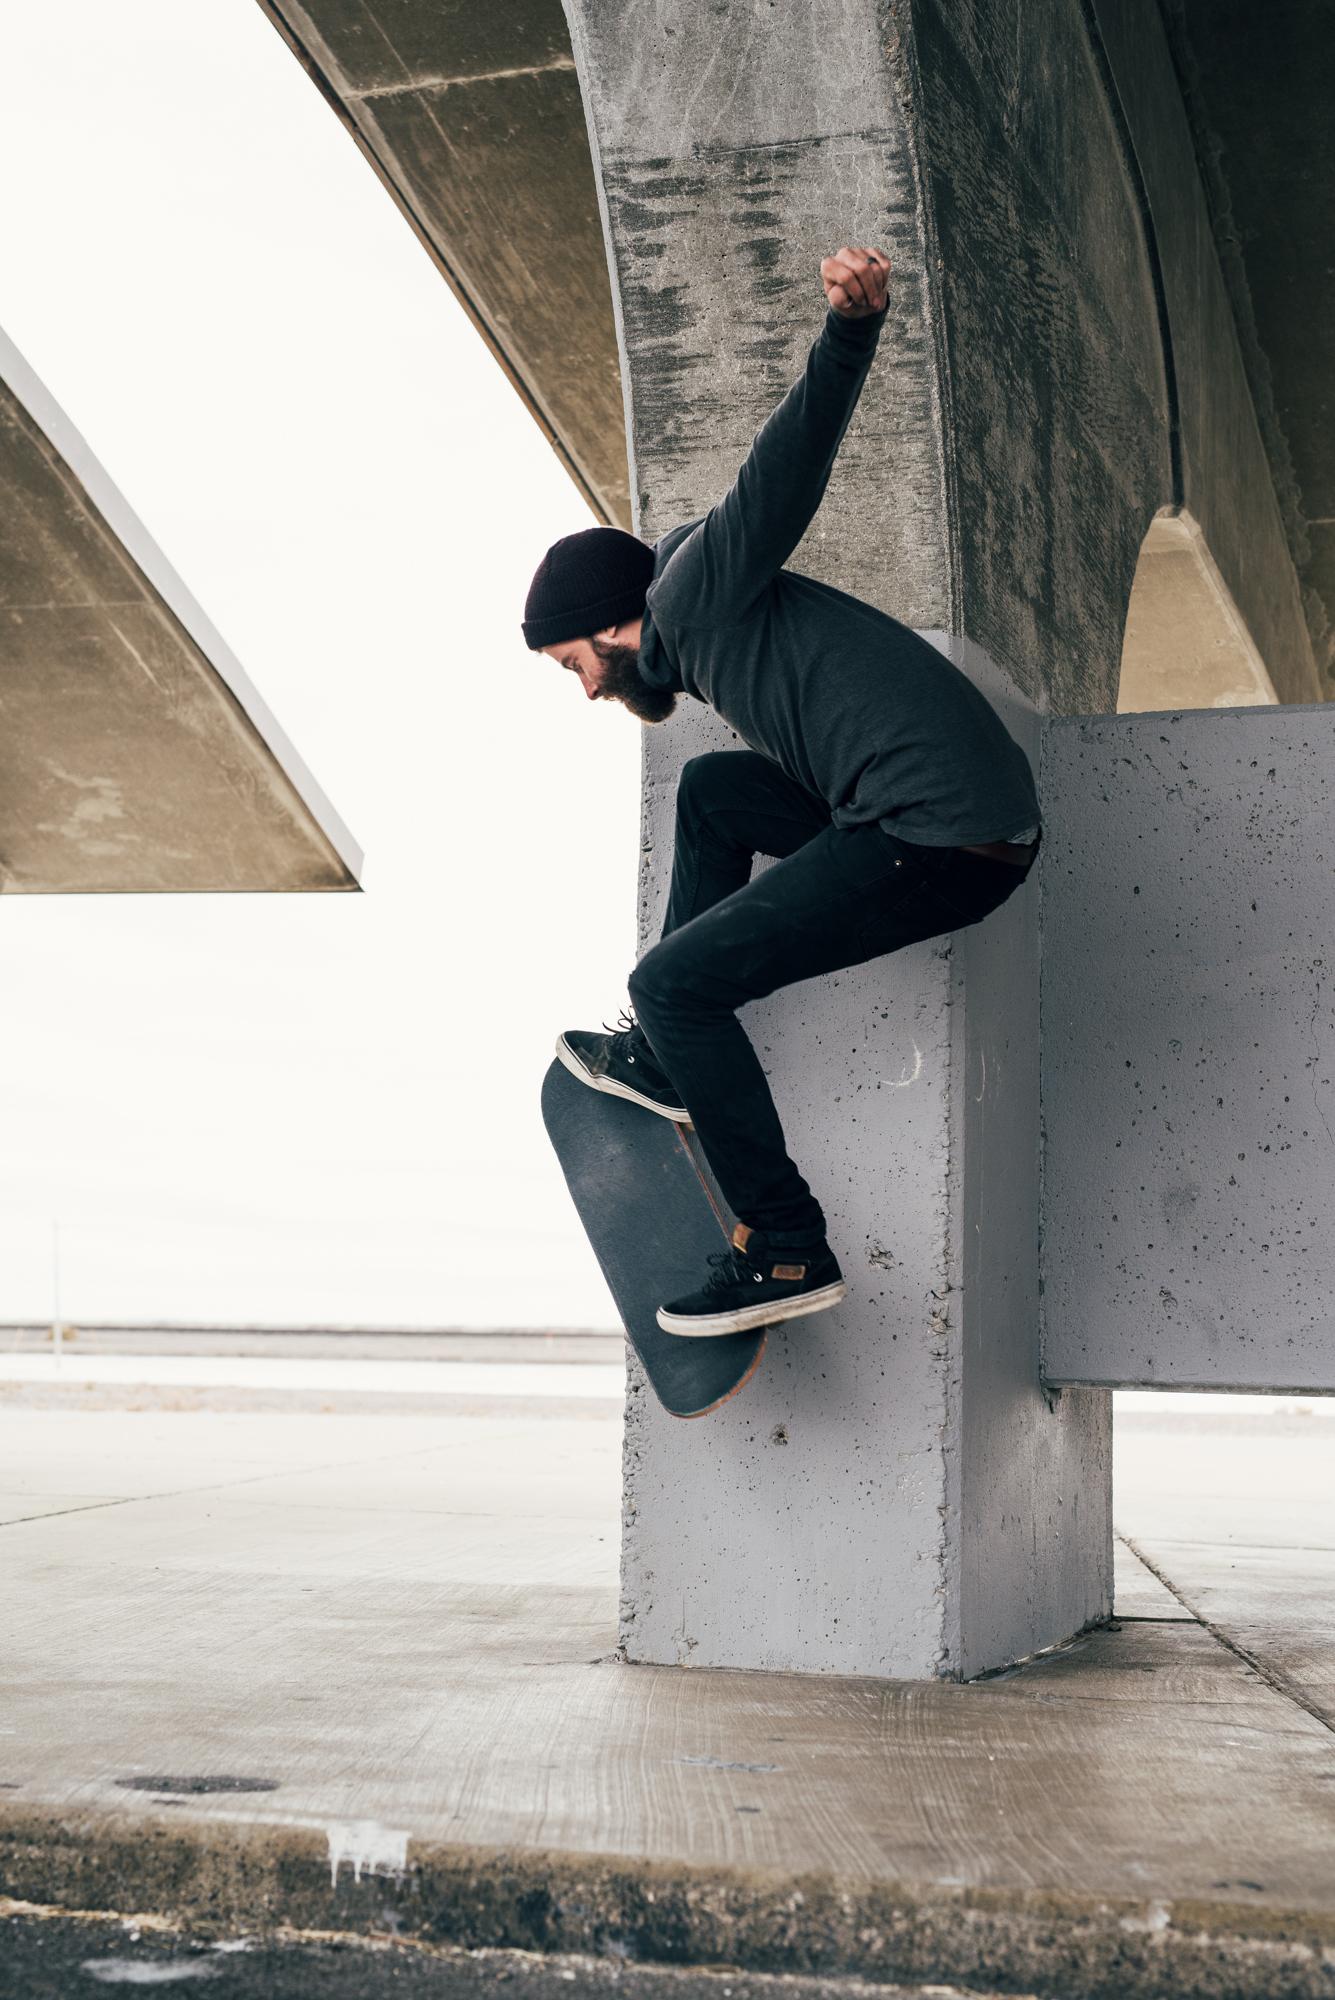 ©The Ryans Photography - Skate Break, Utah-006.jpg